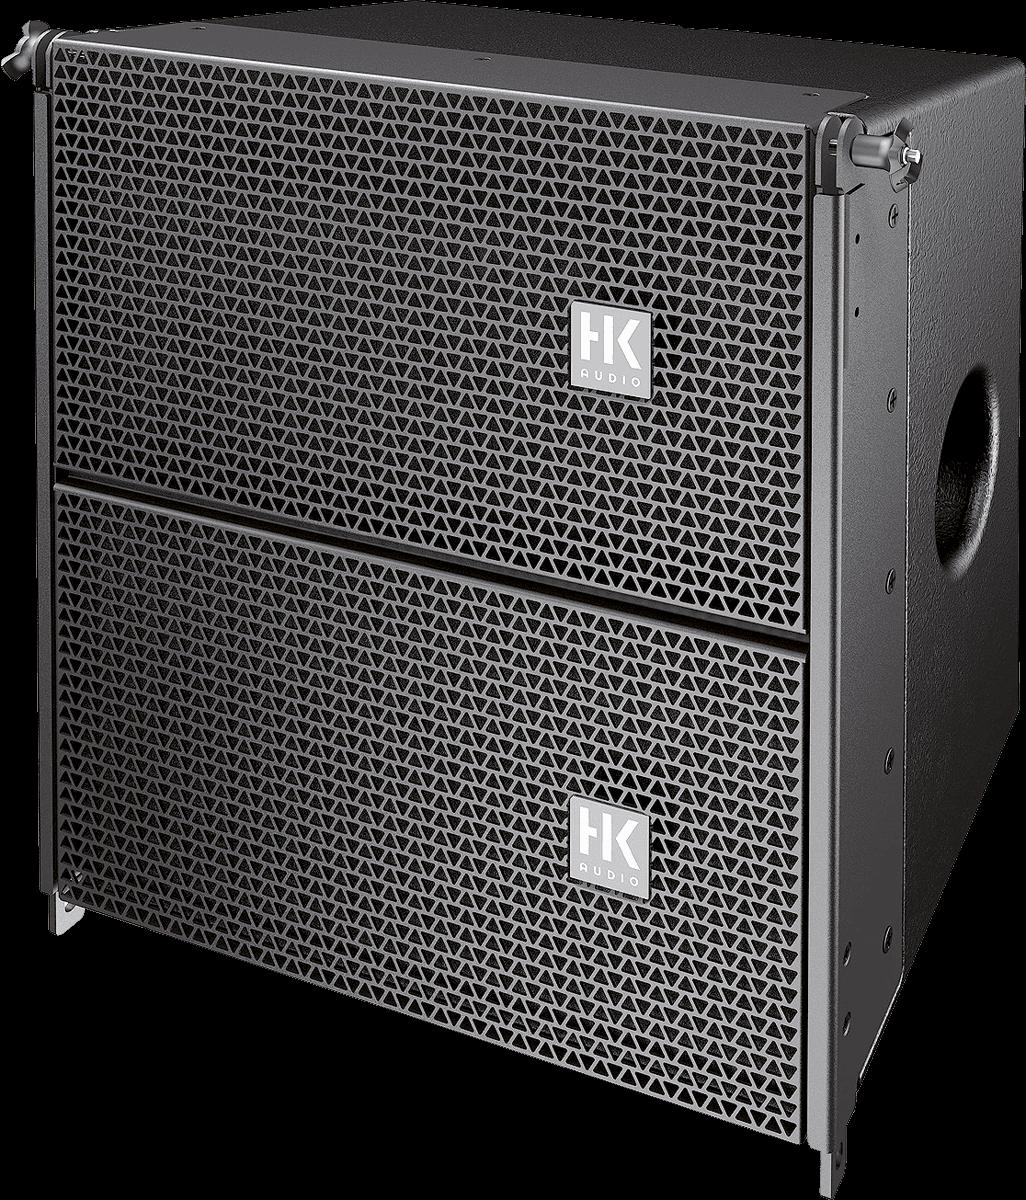 HK Audio CTA 209 line array